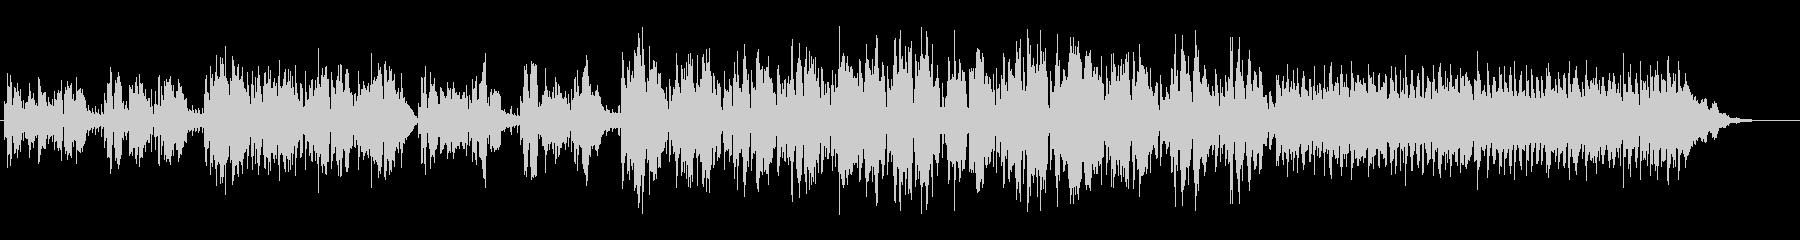 アコースティックなバラード曲の未再生の波形